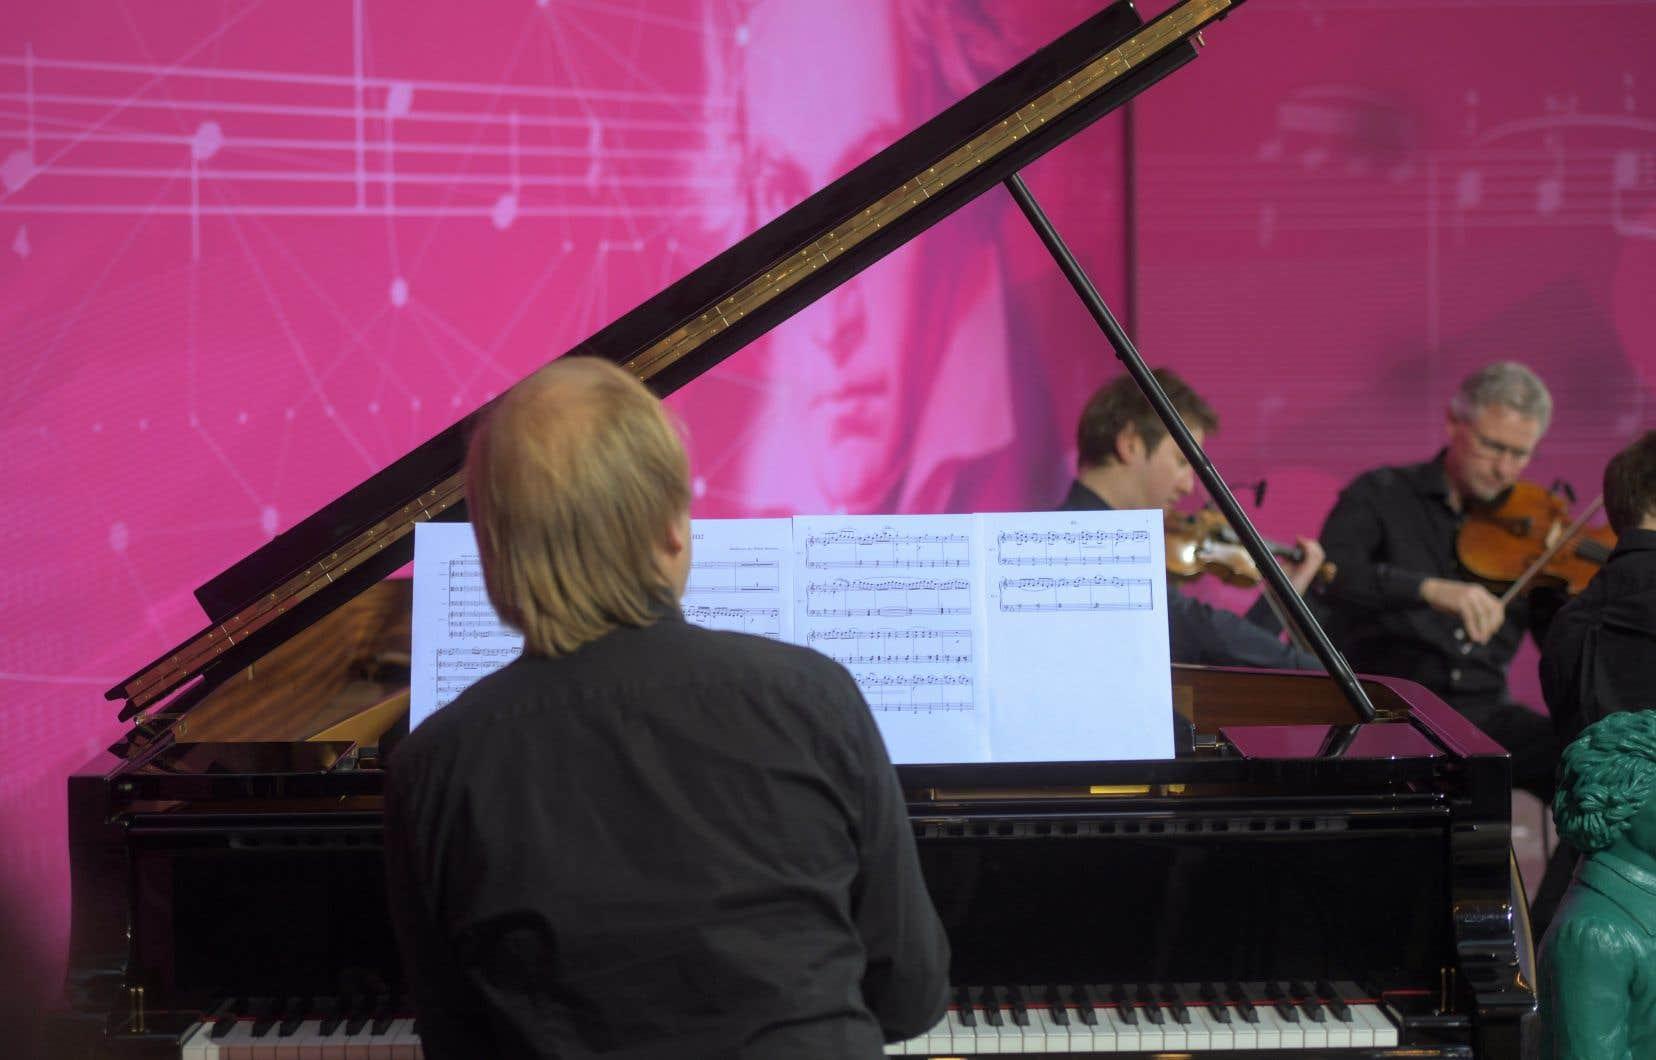 Un quatuor à cordes et un pianiste interprètent la 10e Symphonie de Beethoven réalisée à l'aide de l'intelligence artificielle, à Bonn, le 13 décembre.